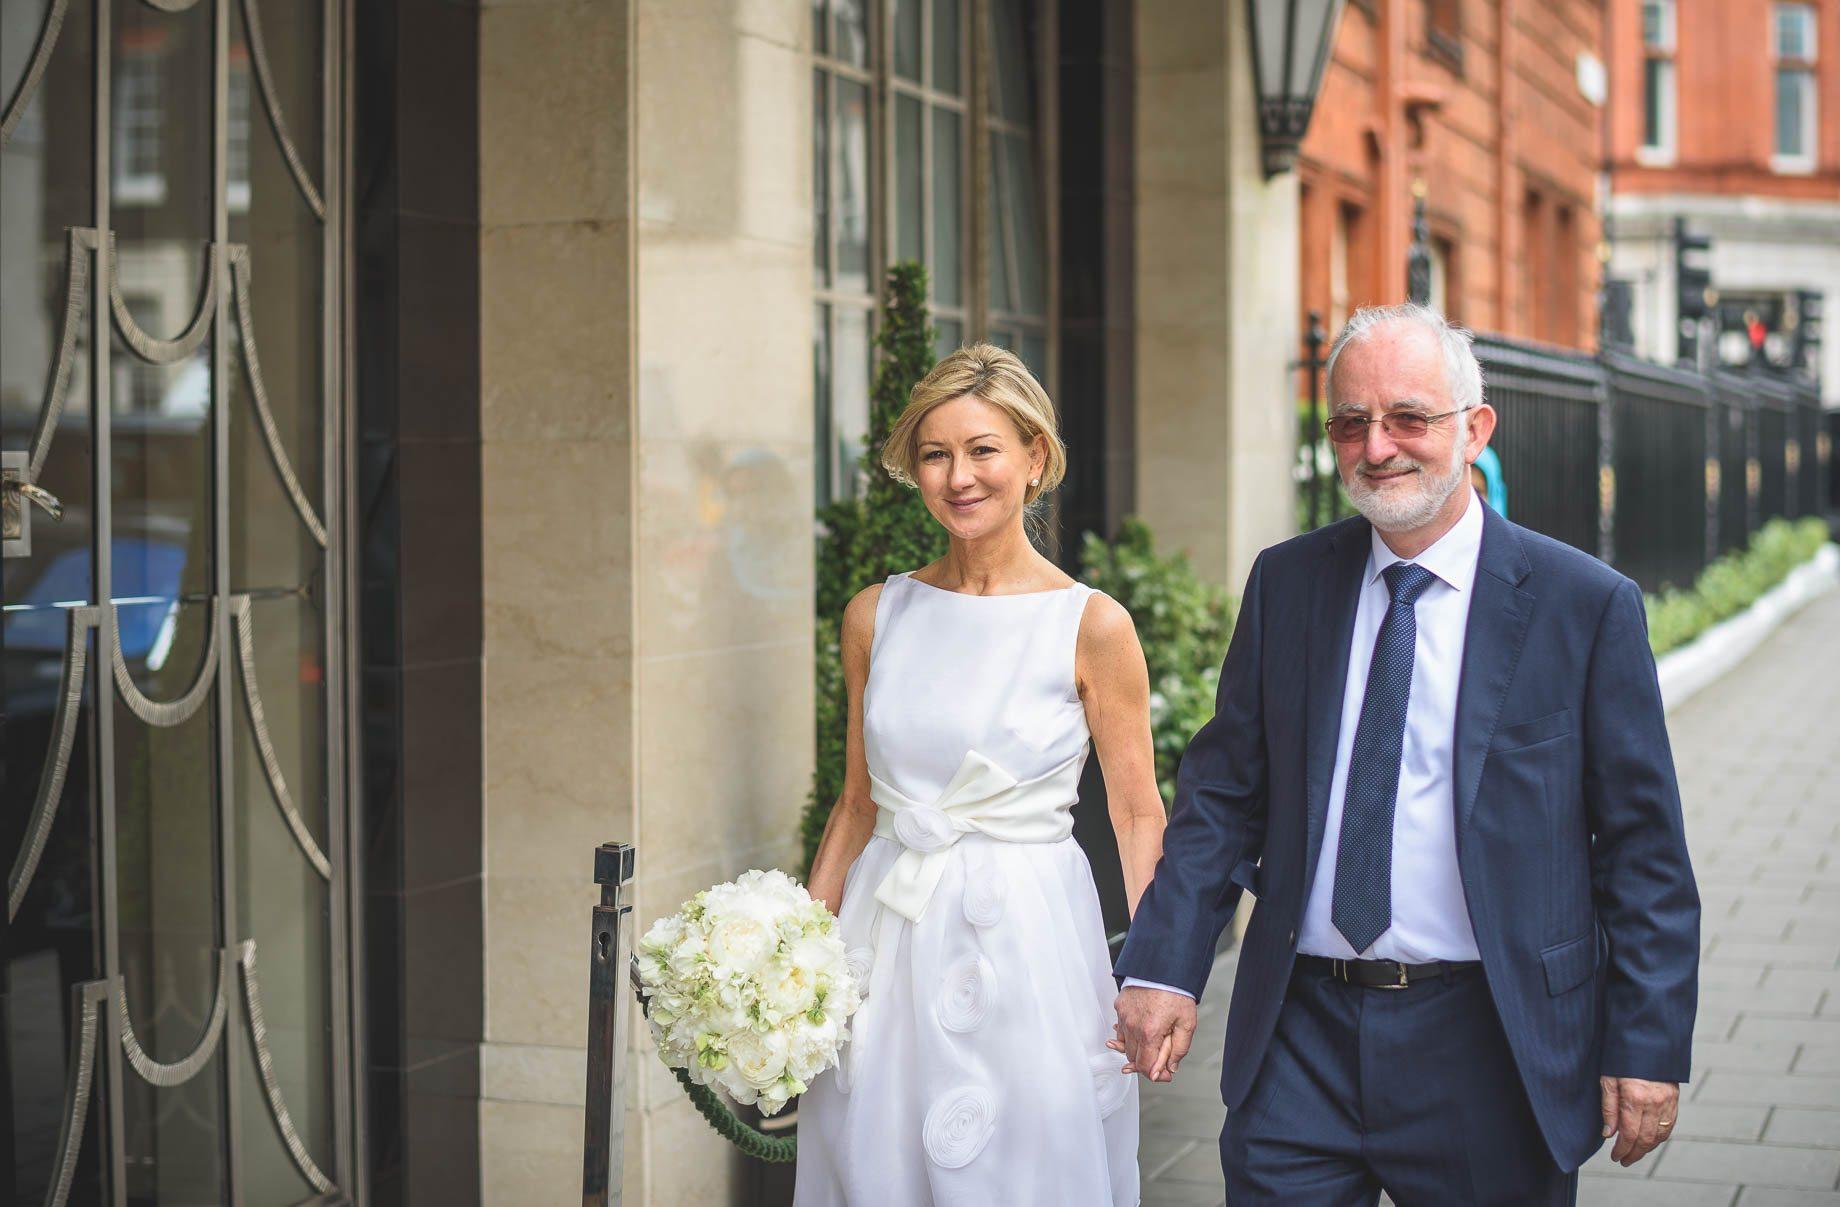 Mayfair wedding photography - Allison and Eugene (64 of 94)